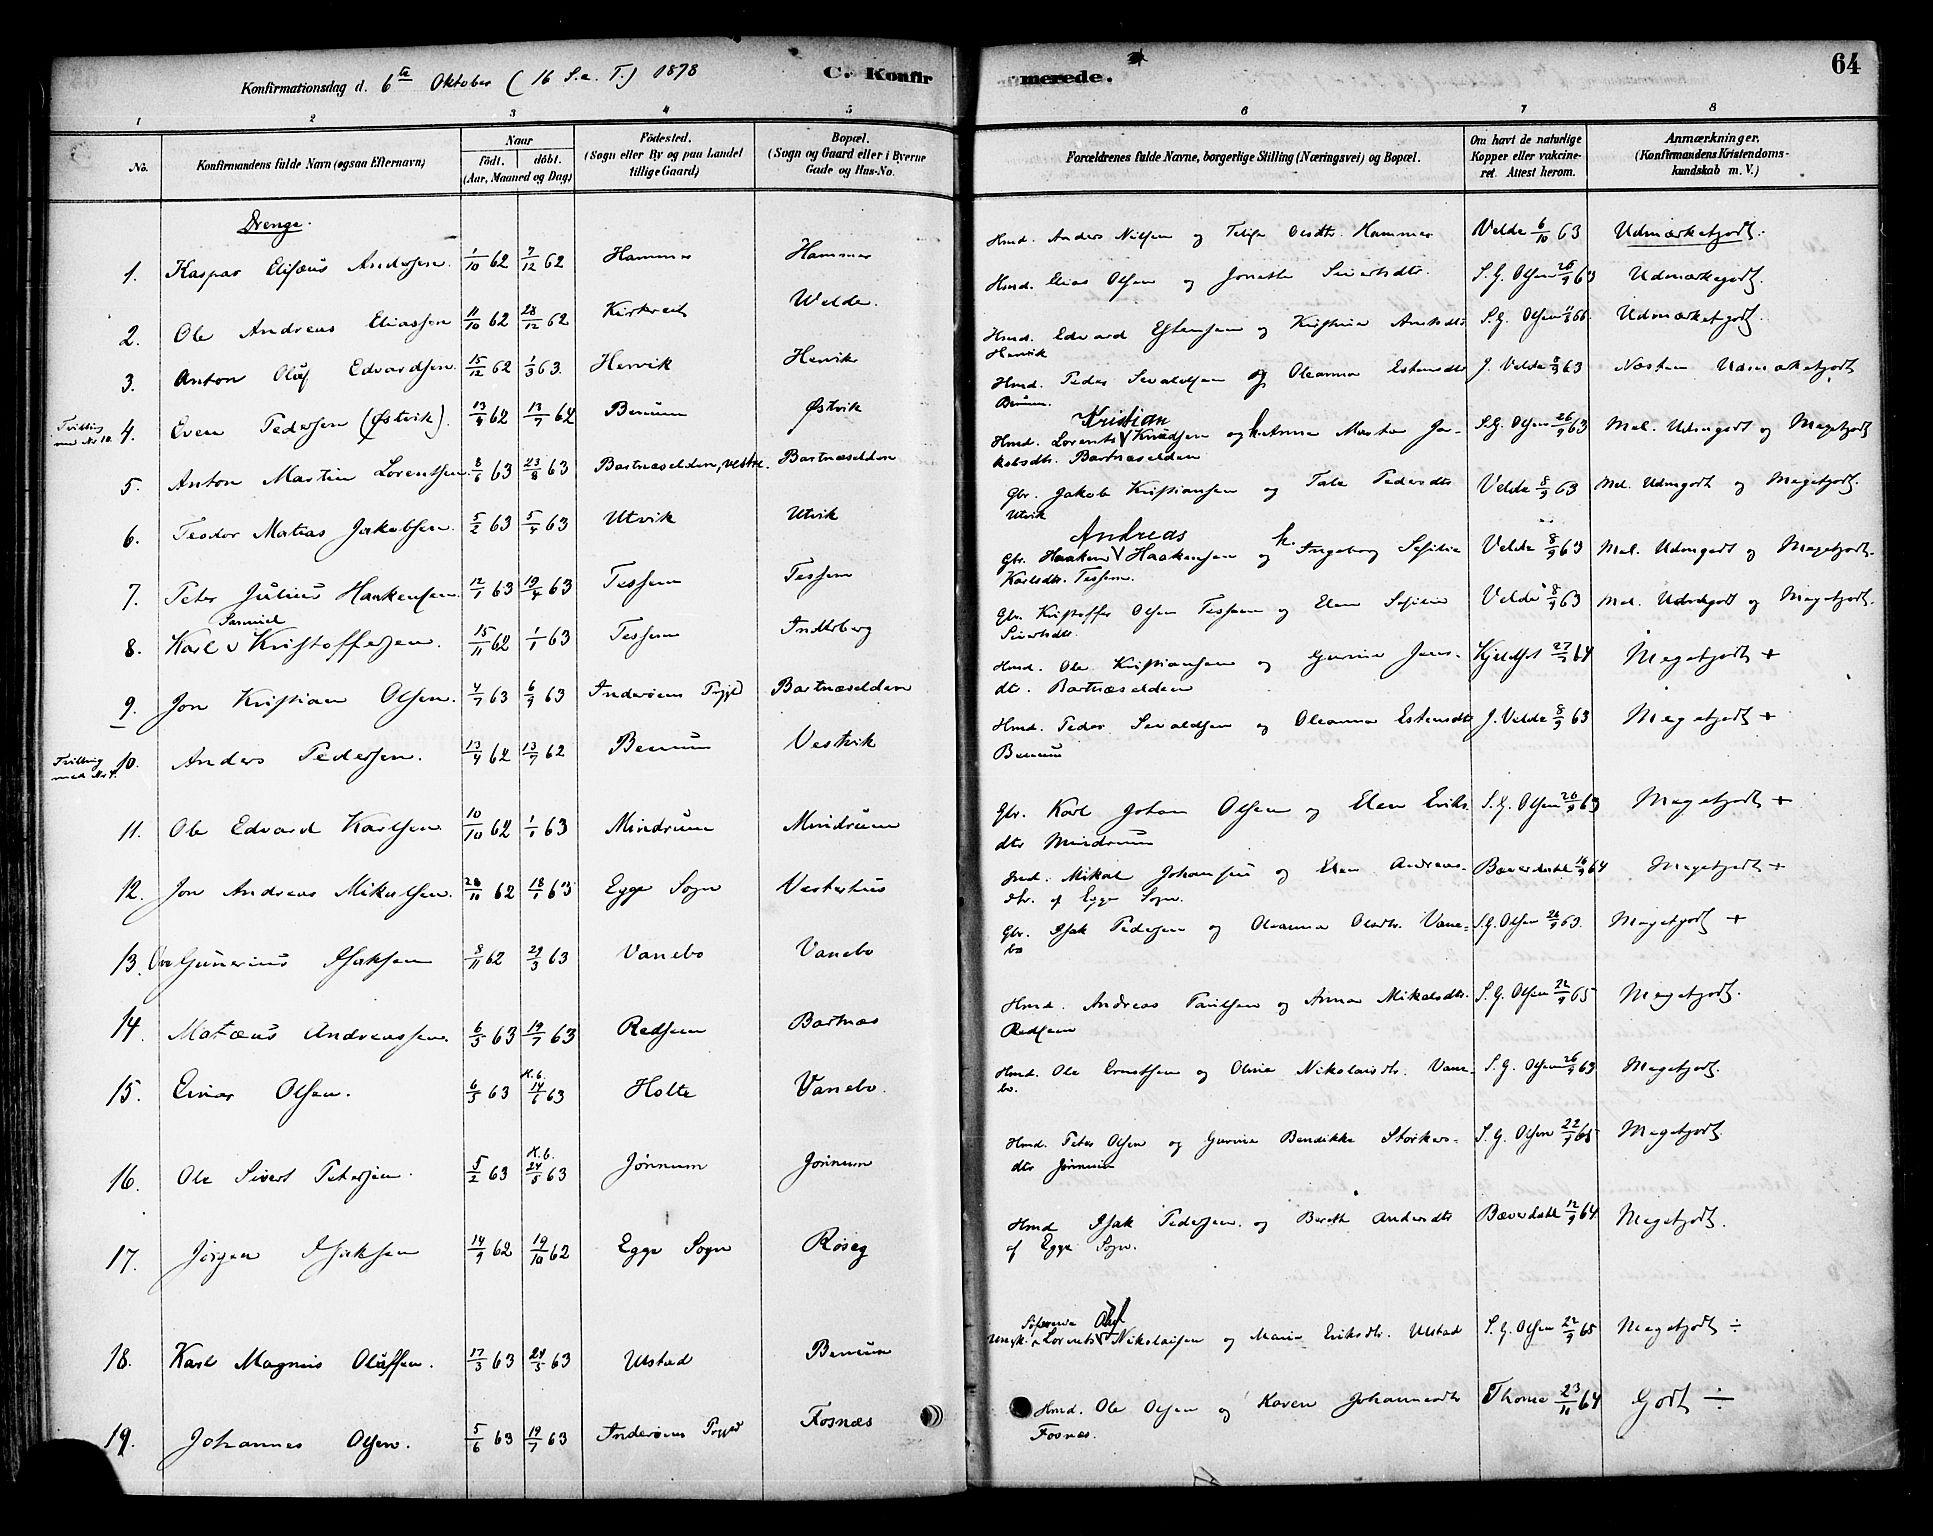 SAT, Ministerialprotokoller, klokkerbøker og fødselsregistre - Nord-Trøndelag, 741/L0395: Ministerialbok nr. 741A09, 1878-1888, s. 64